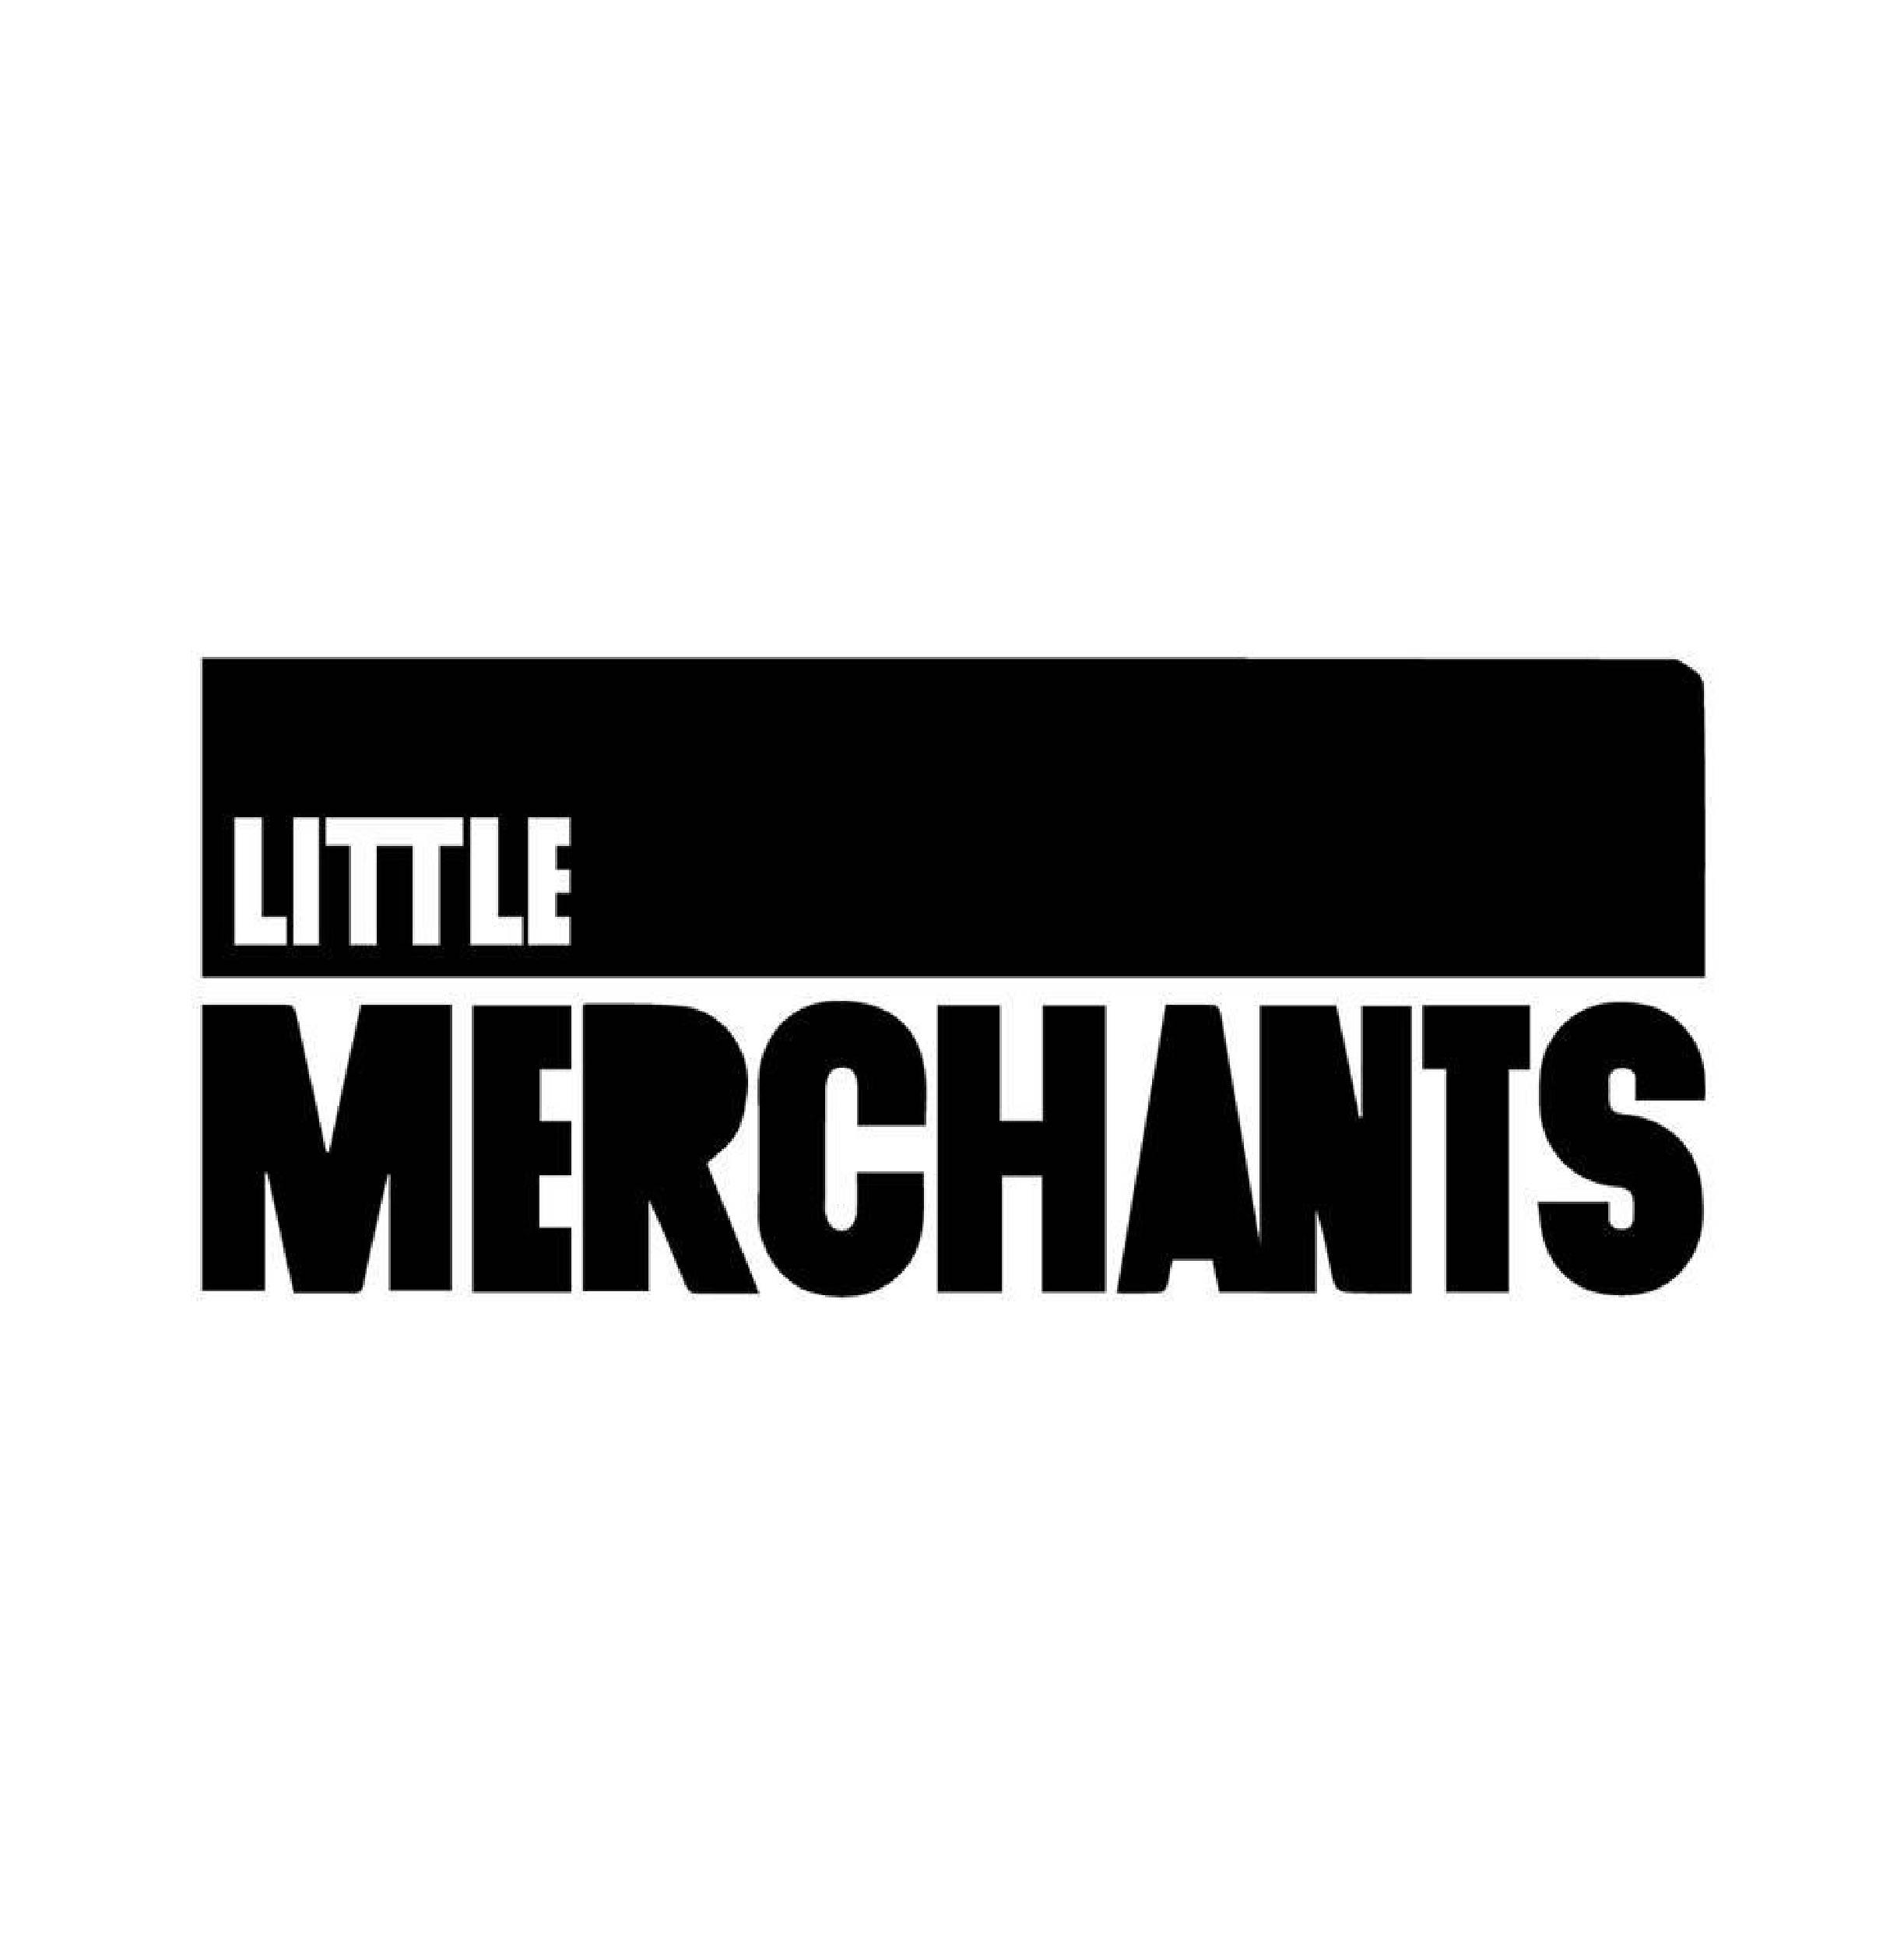 little merchants.jpg